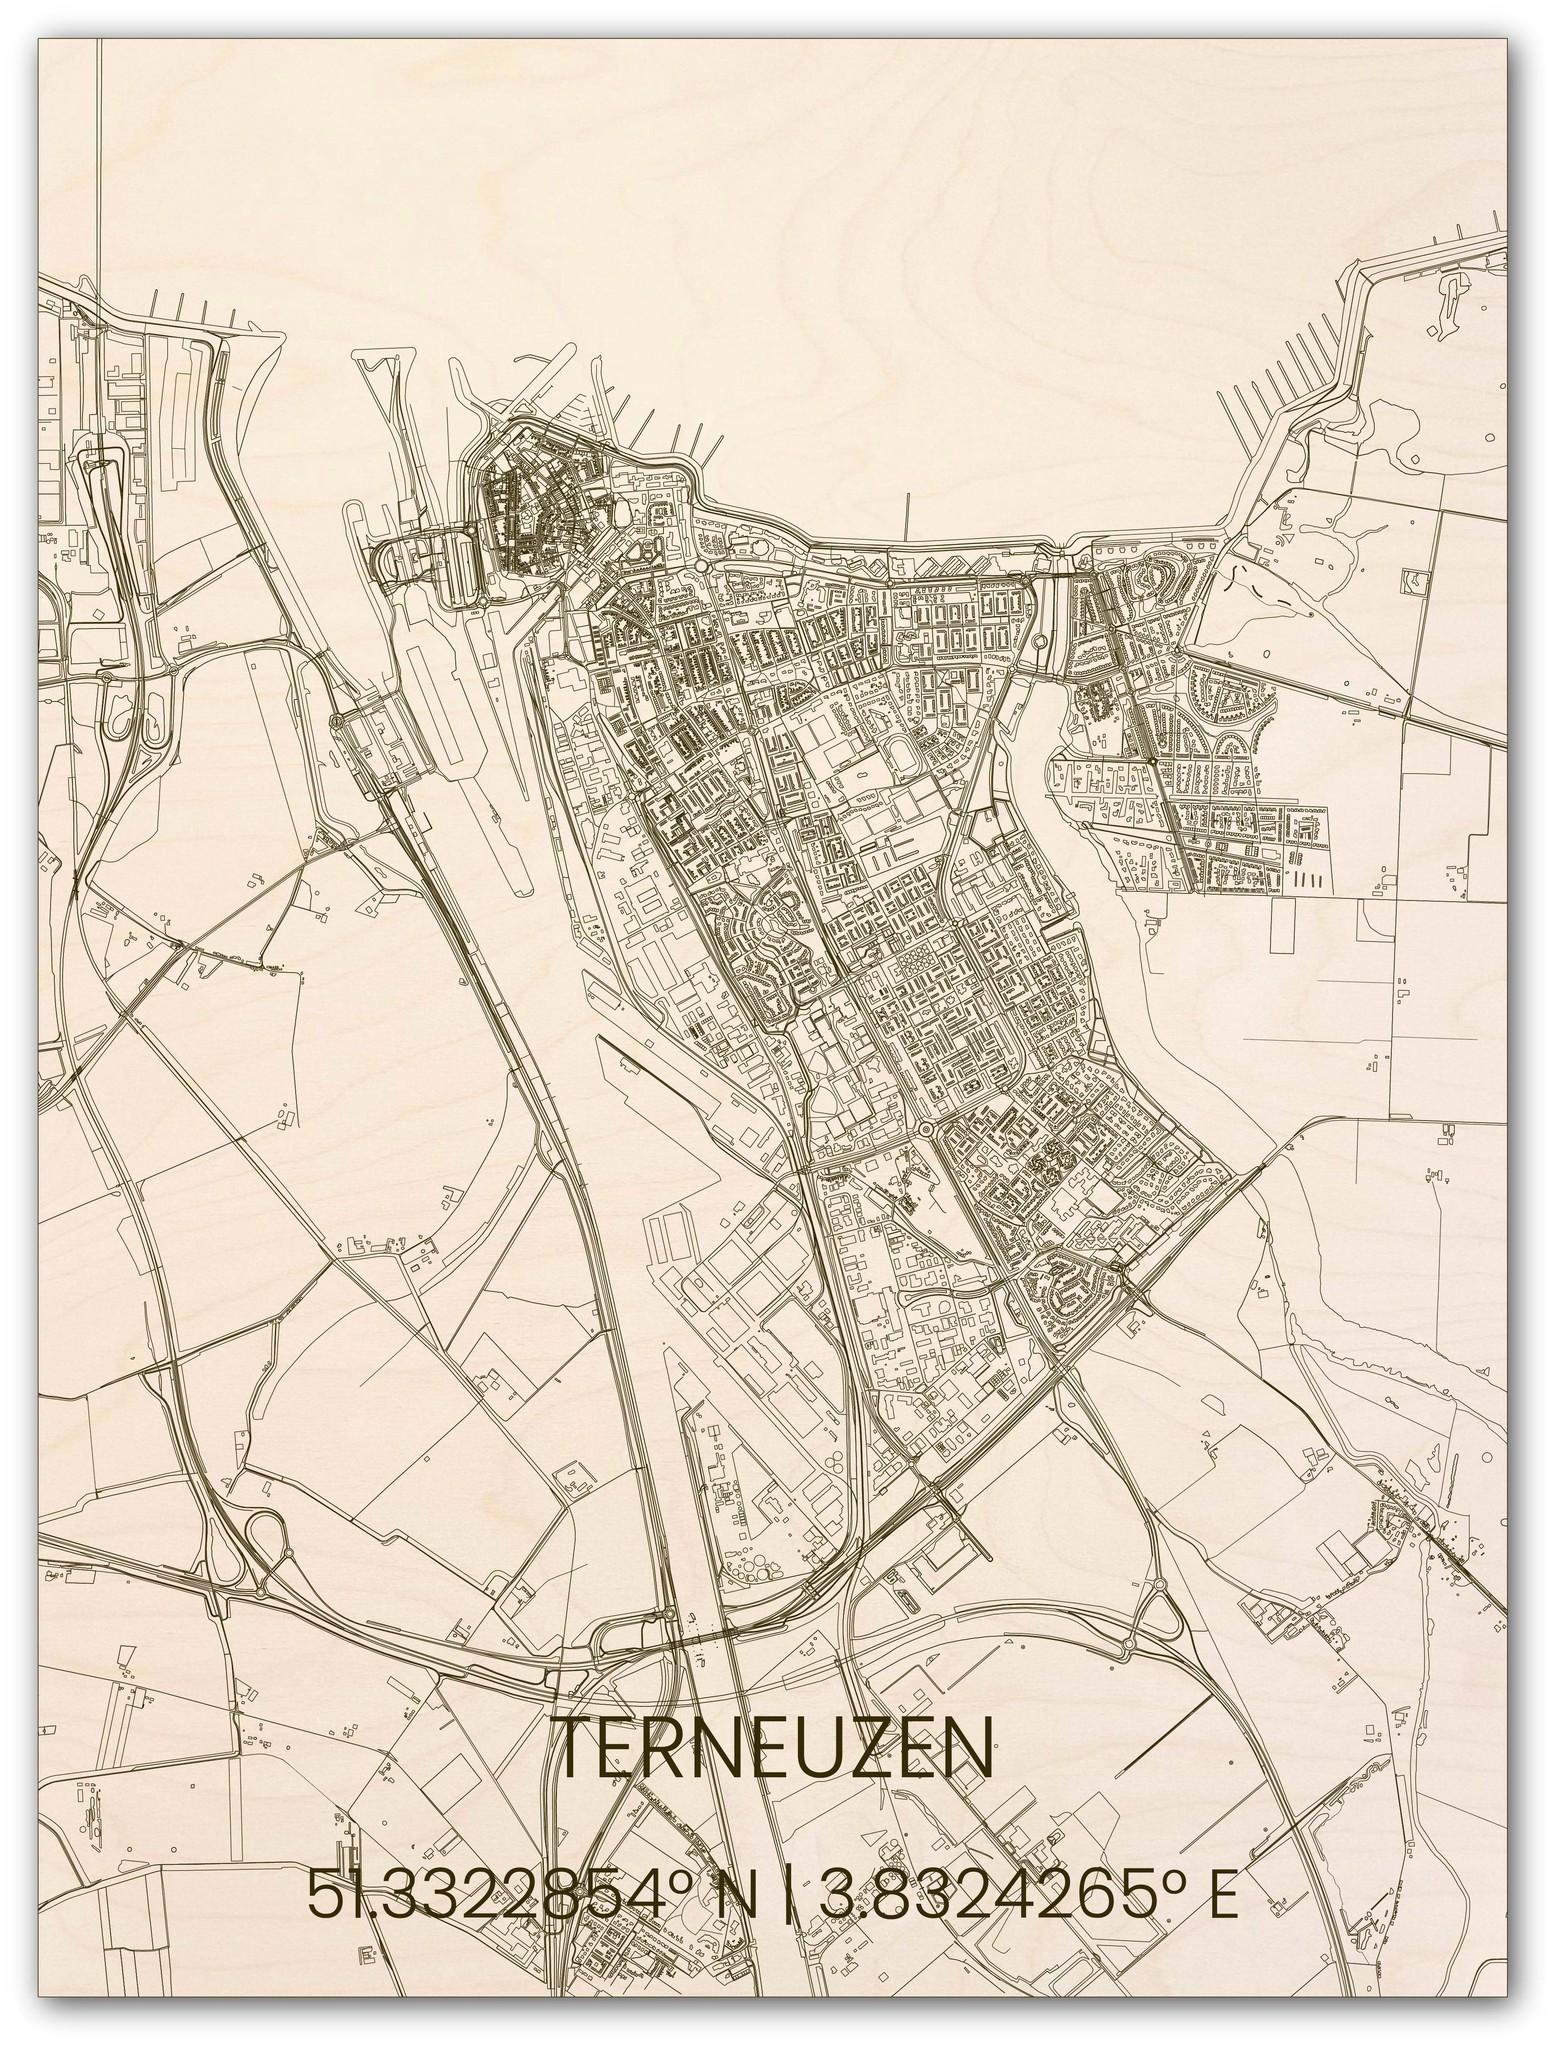 Houten stadsplattegrond Terneuzen-1